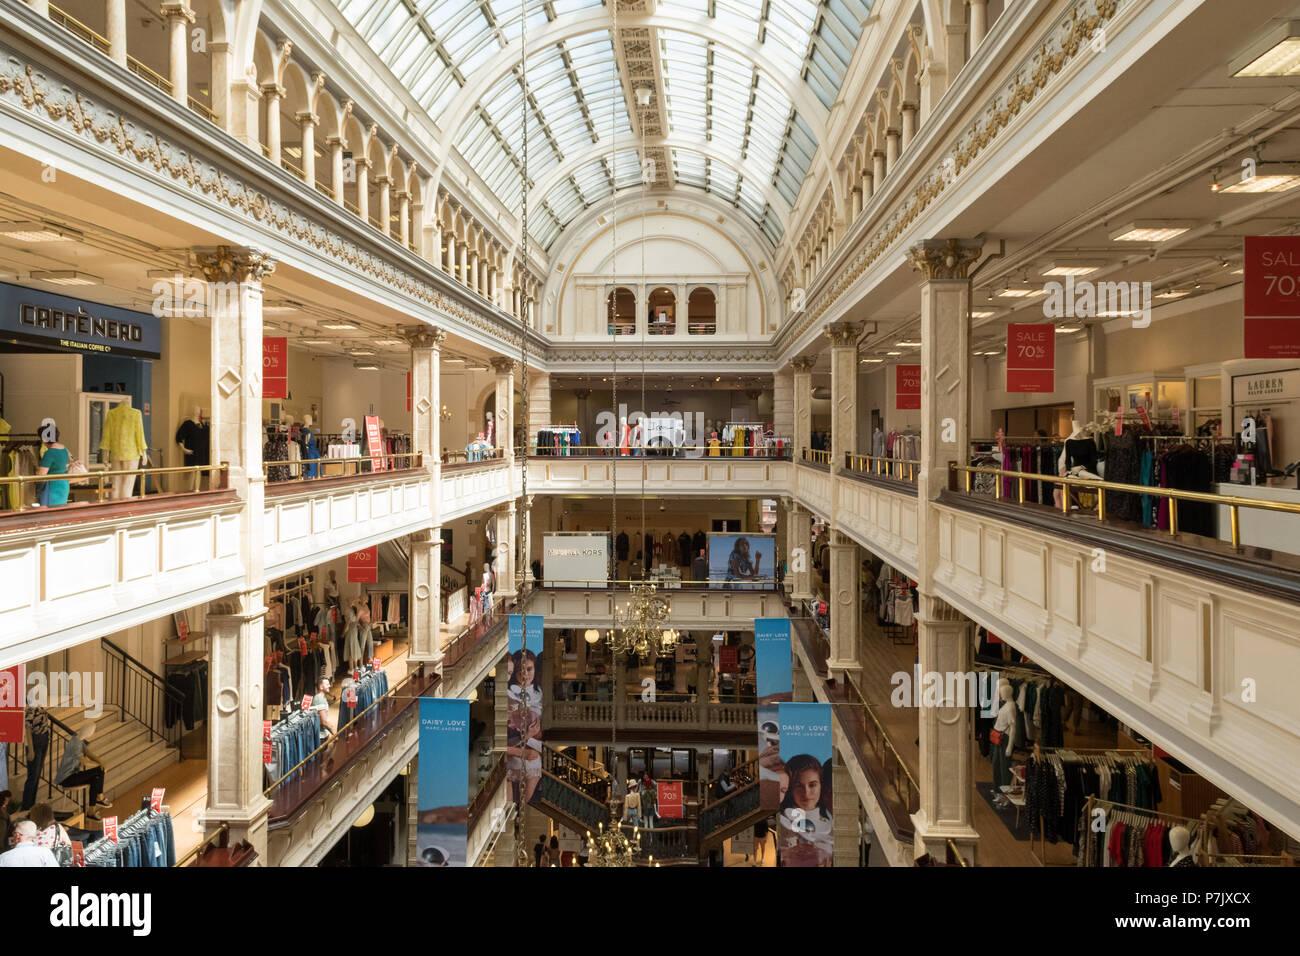 El Frasers department store, Glasgow, Escocia, Reino Unido interior Imagen De Stock